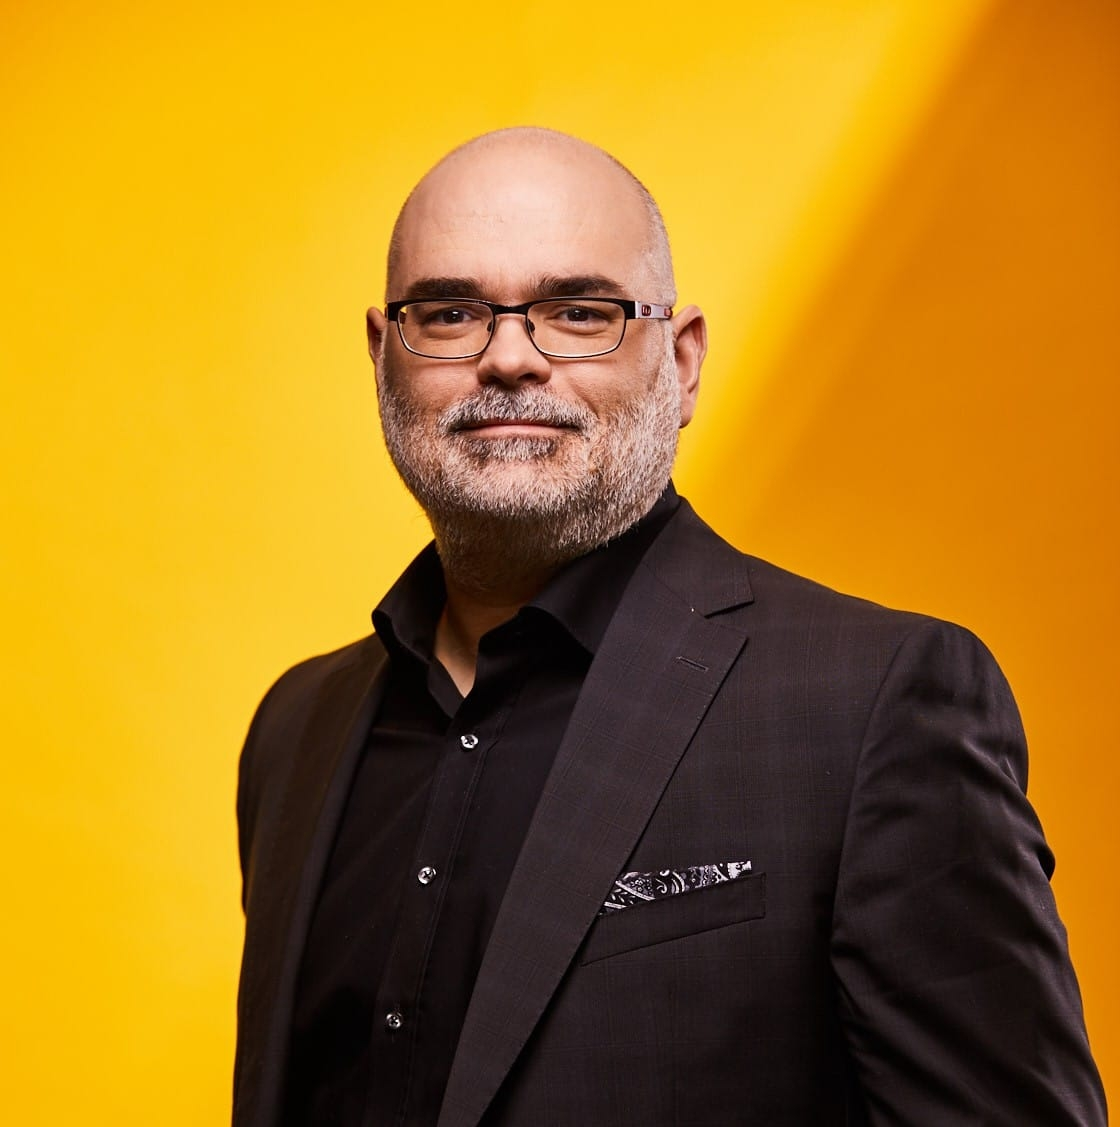 Gislain Houle